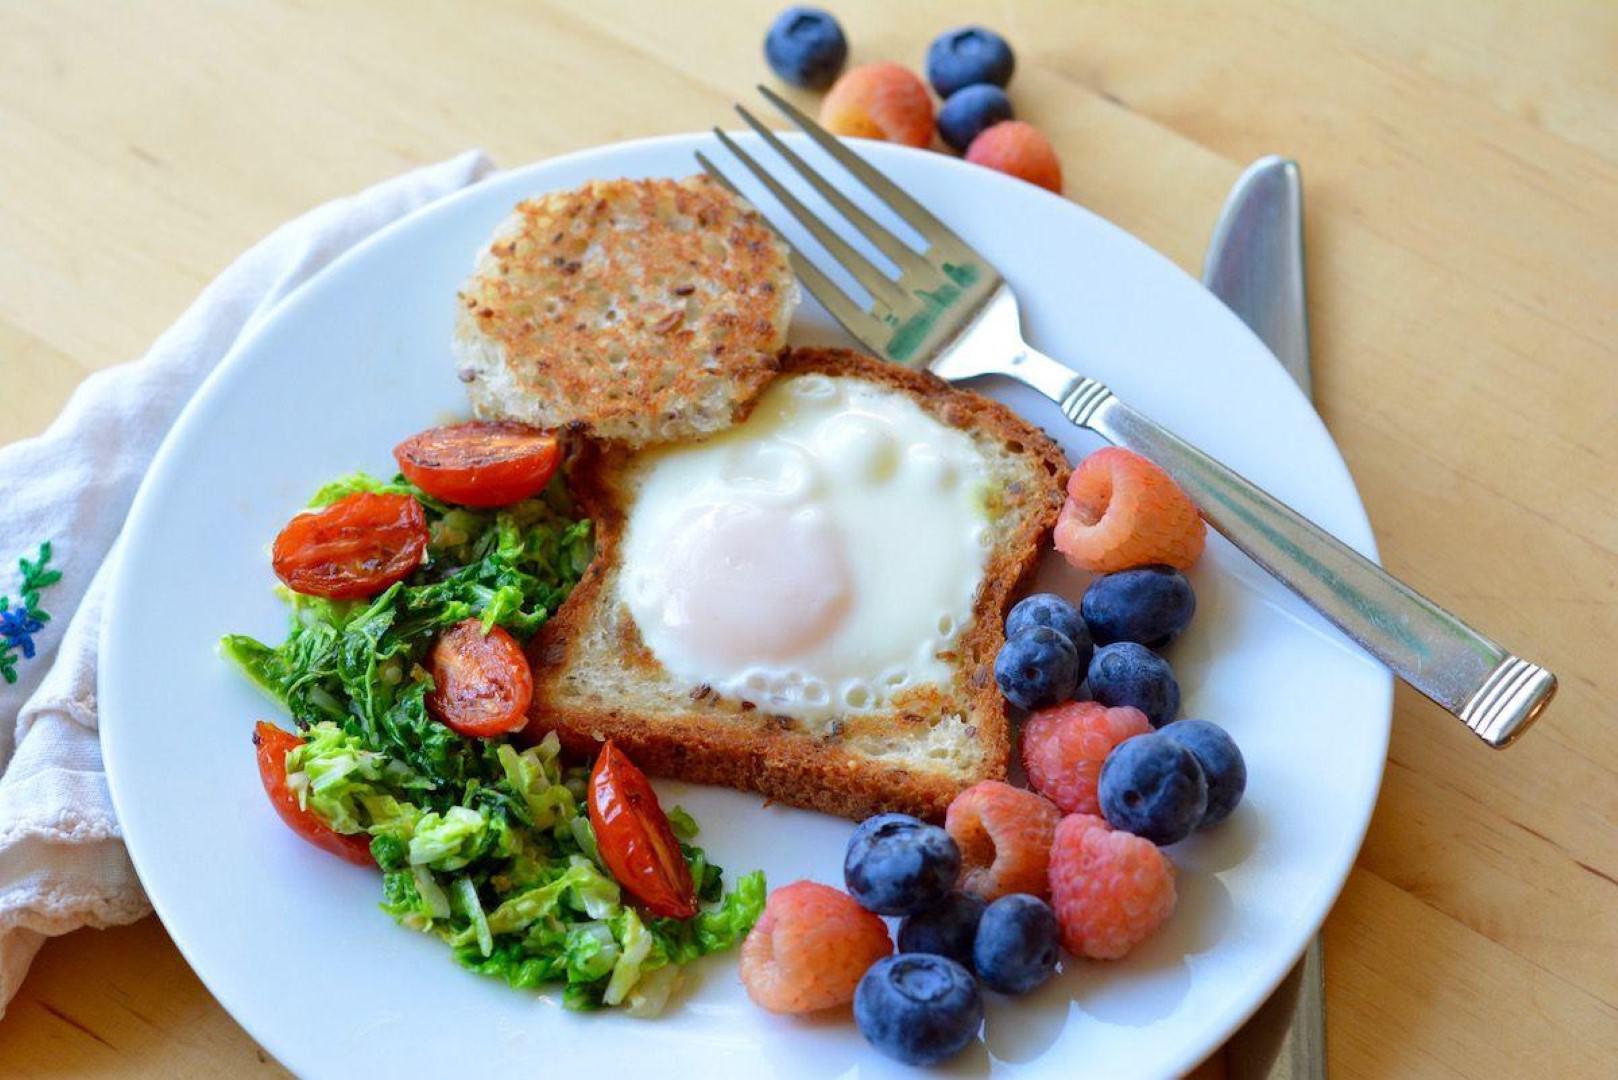 Healthy Gluten Free Breakfast  Looking for a Healthy Gluten Free Breakfast Try Egg in a